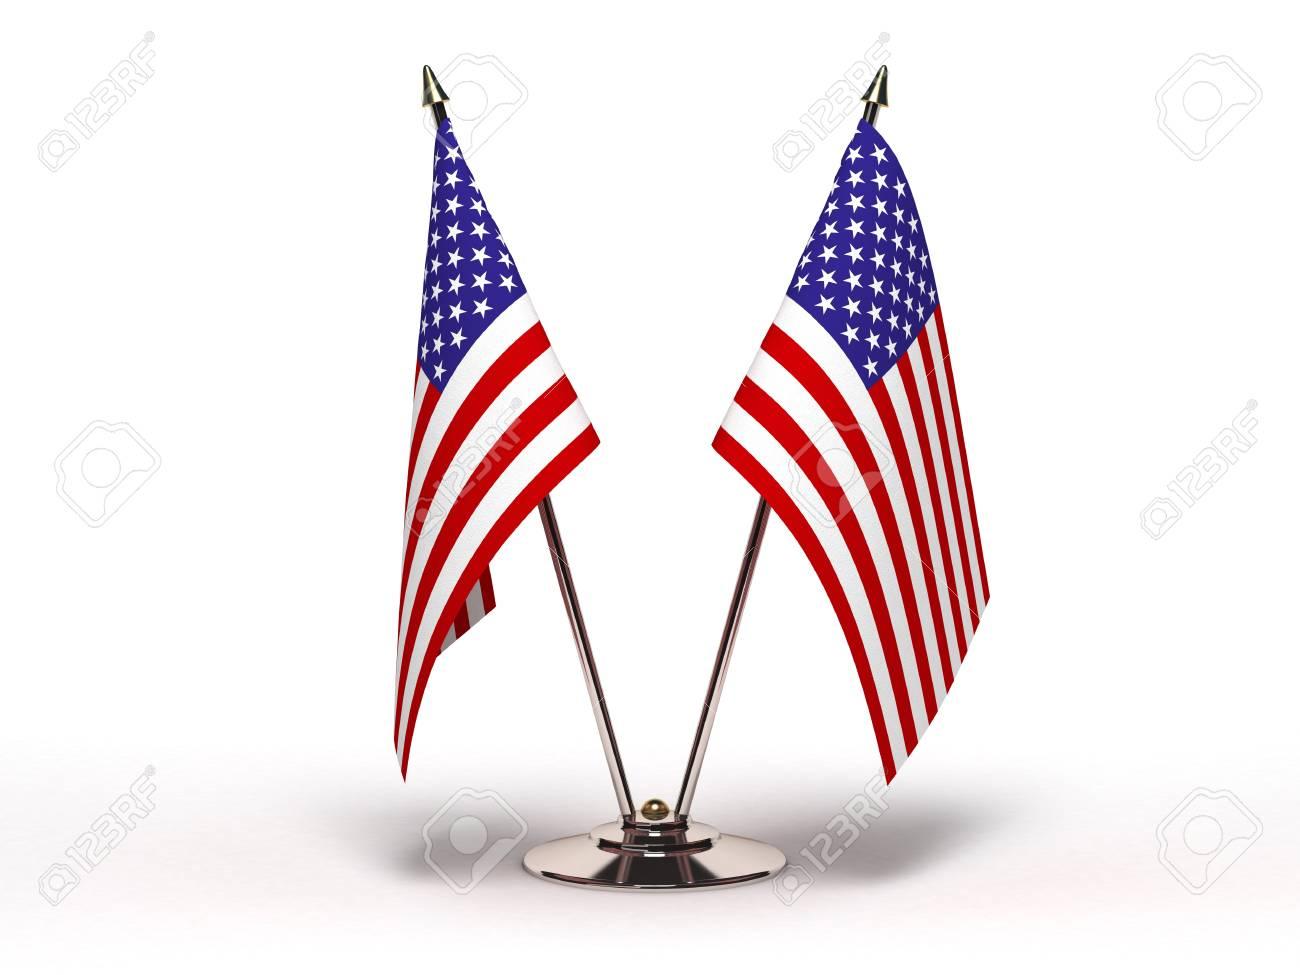 Miniature Flag of USA (Isolated) - 11980486